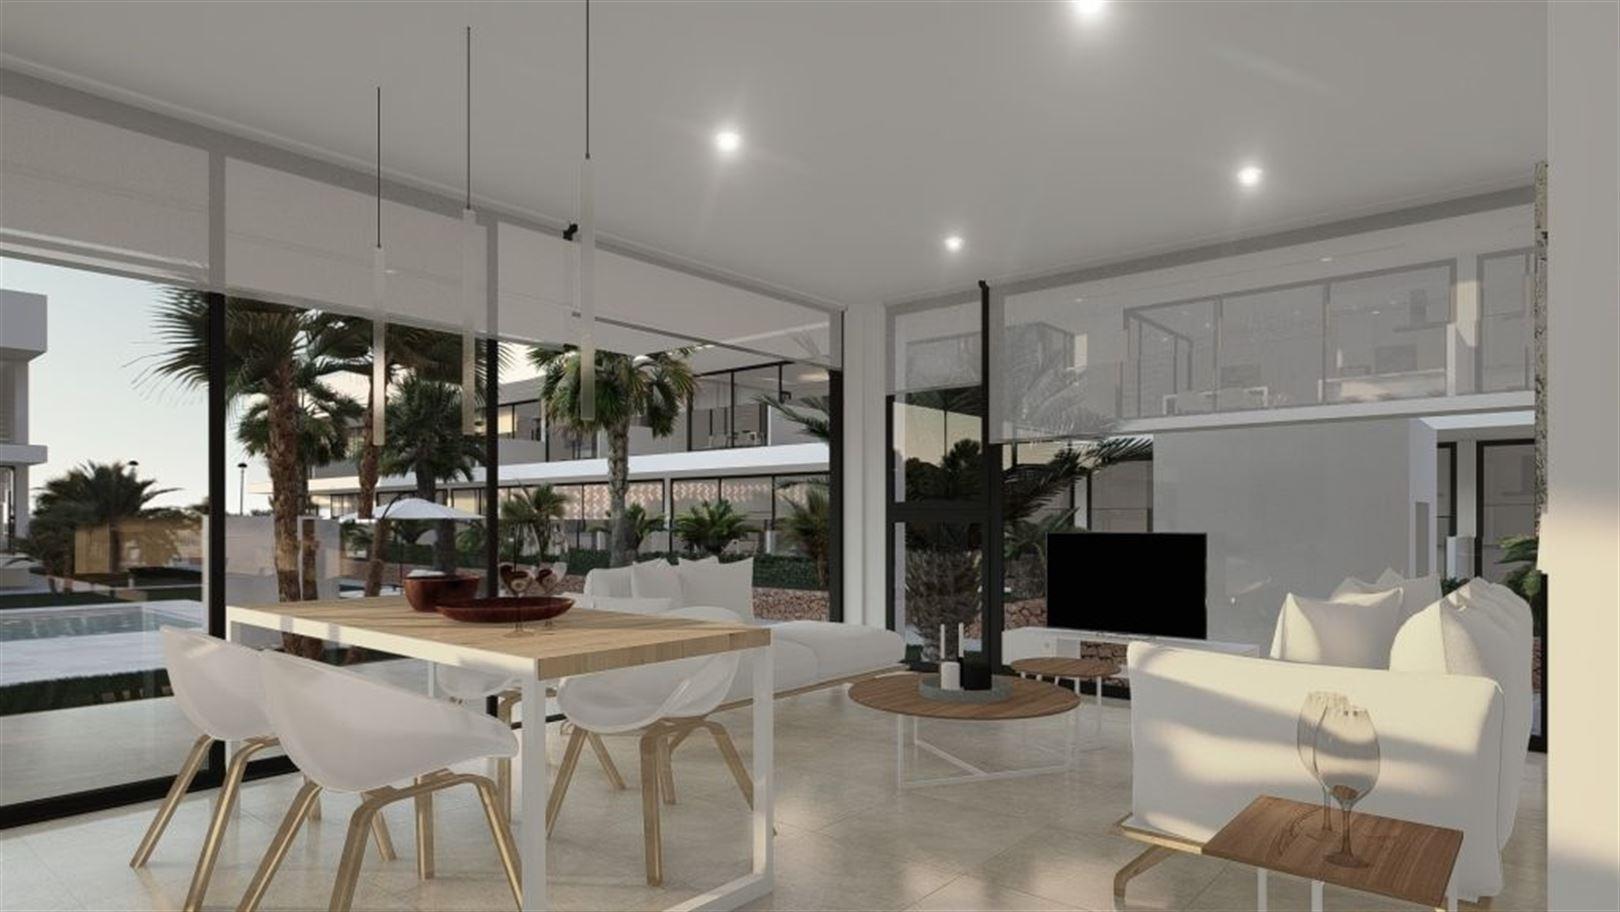 Foto 3 : Appartement te 30384 MURCIA (Spanje) - Prijs Prijs op aanvraag